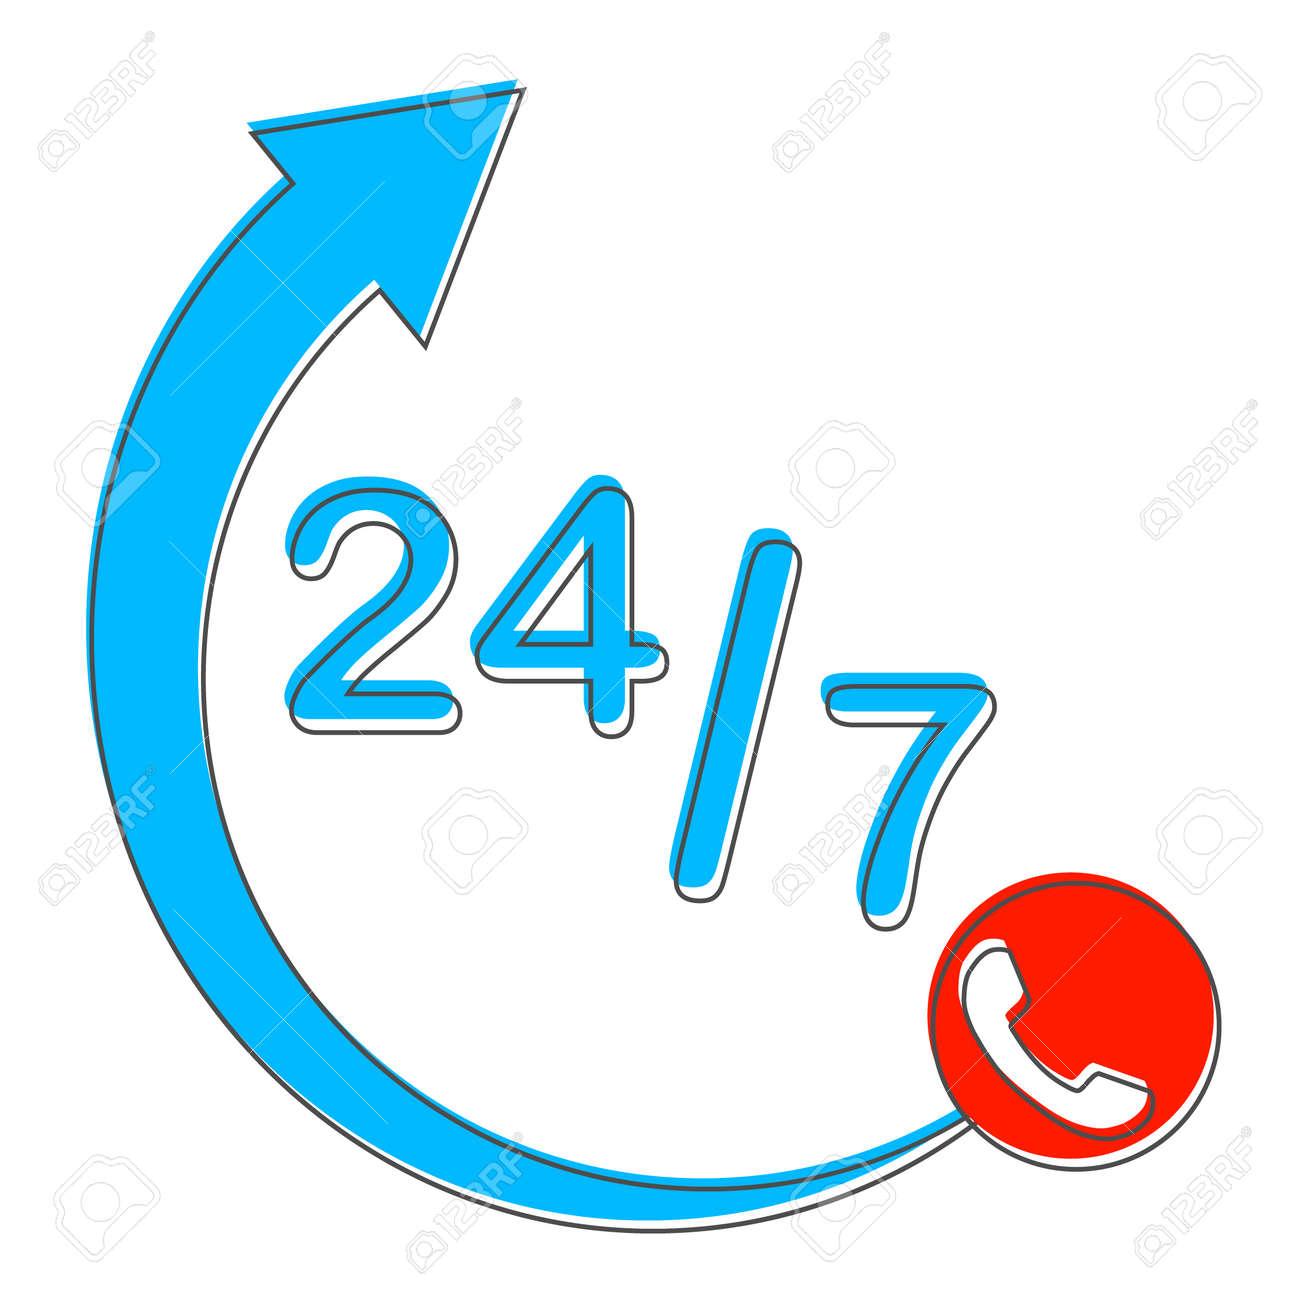 Customer support, call center. Vector illustration Vector - 167578790